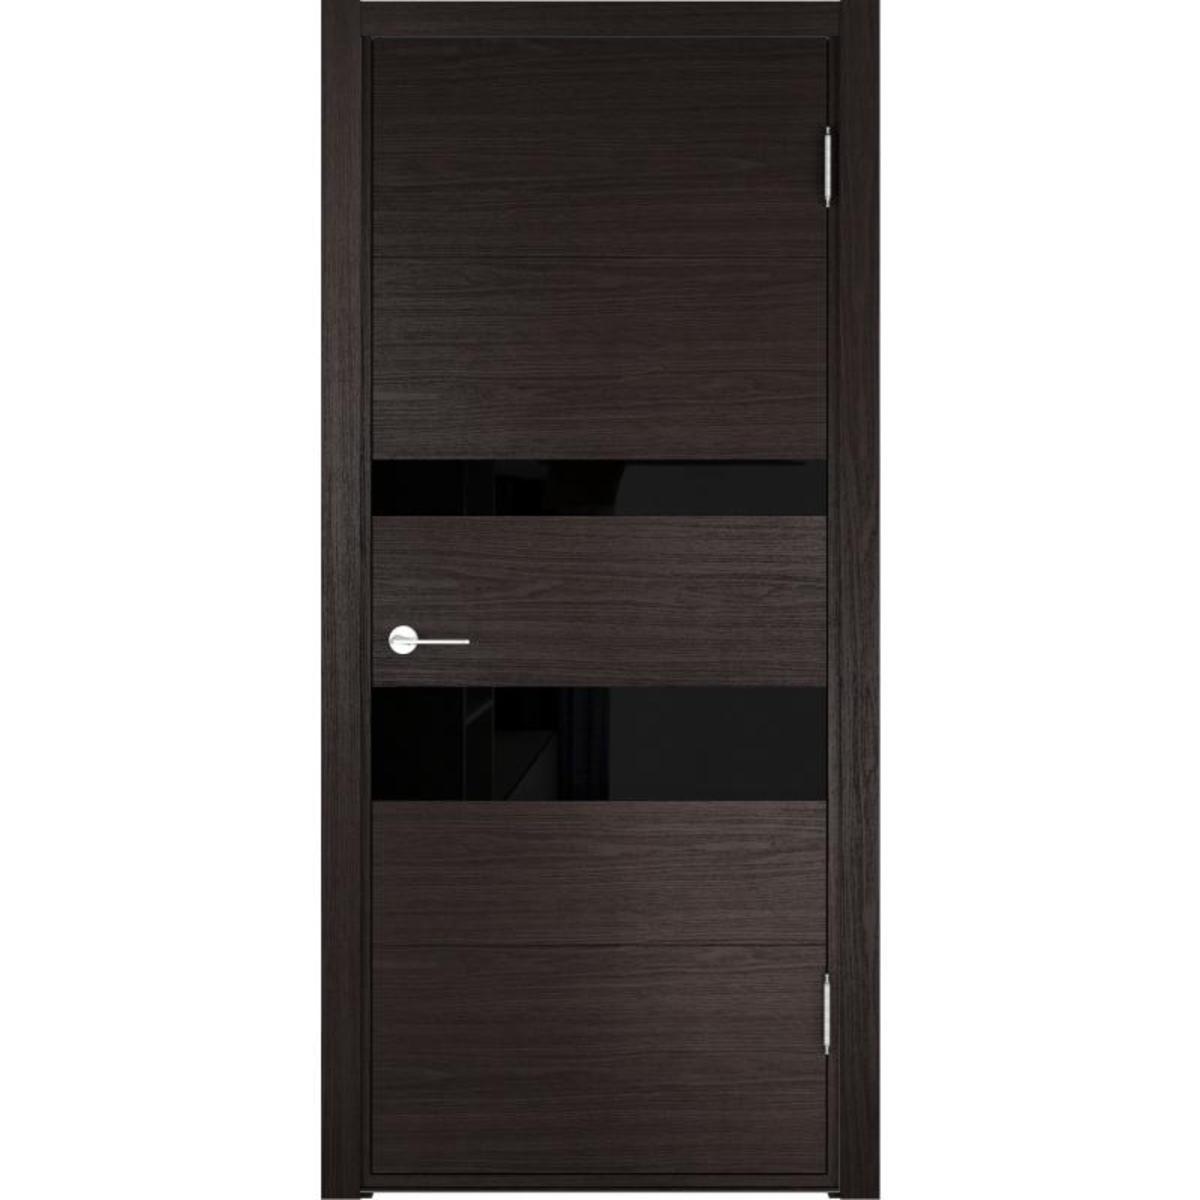 Дверь межкомнатная остеклённая Тоскана 60x200 см цвет дуб шоколадный